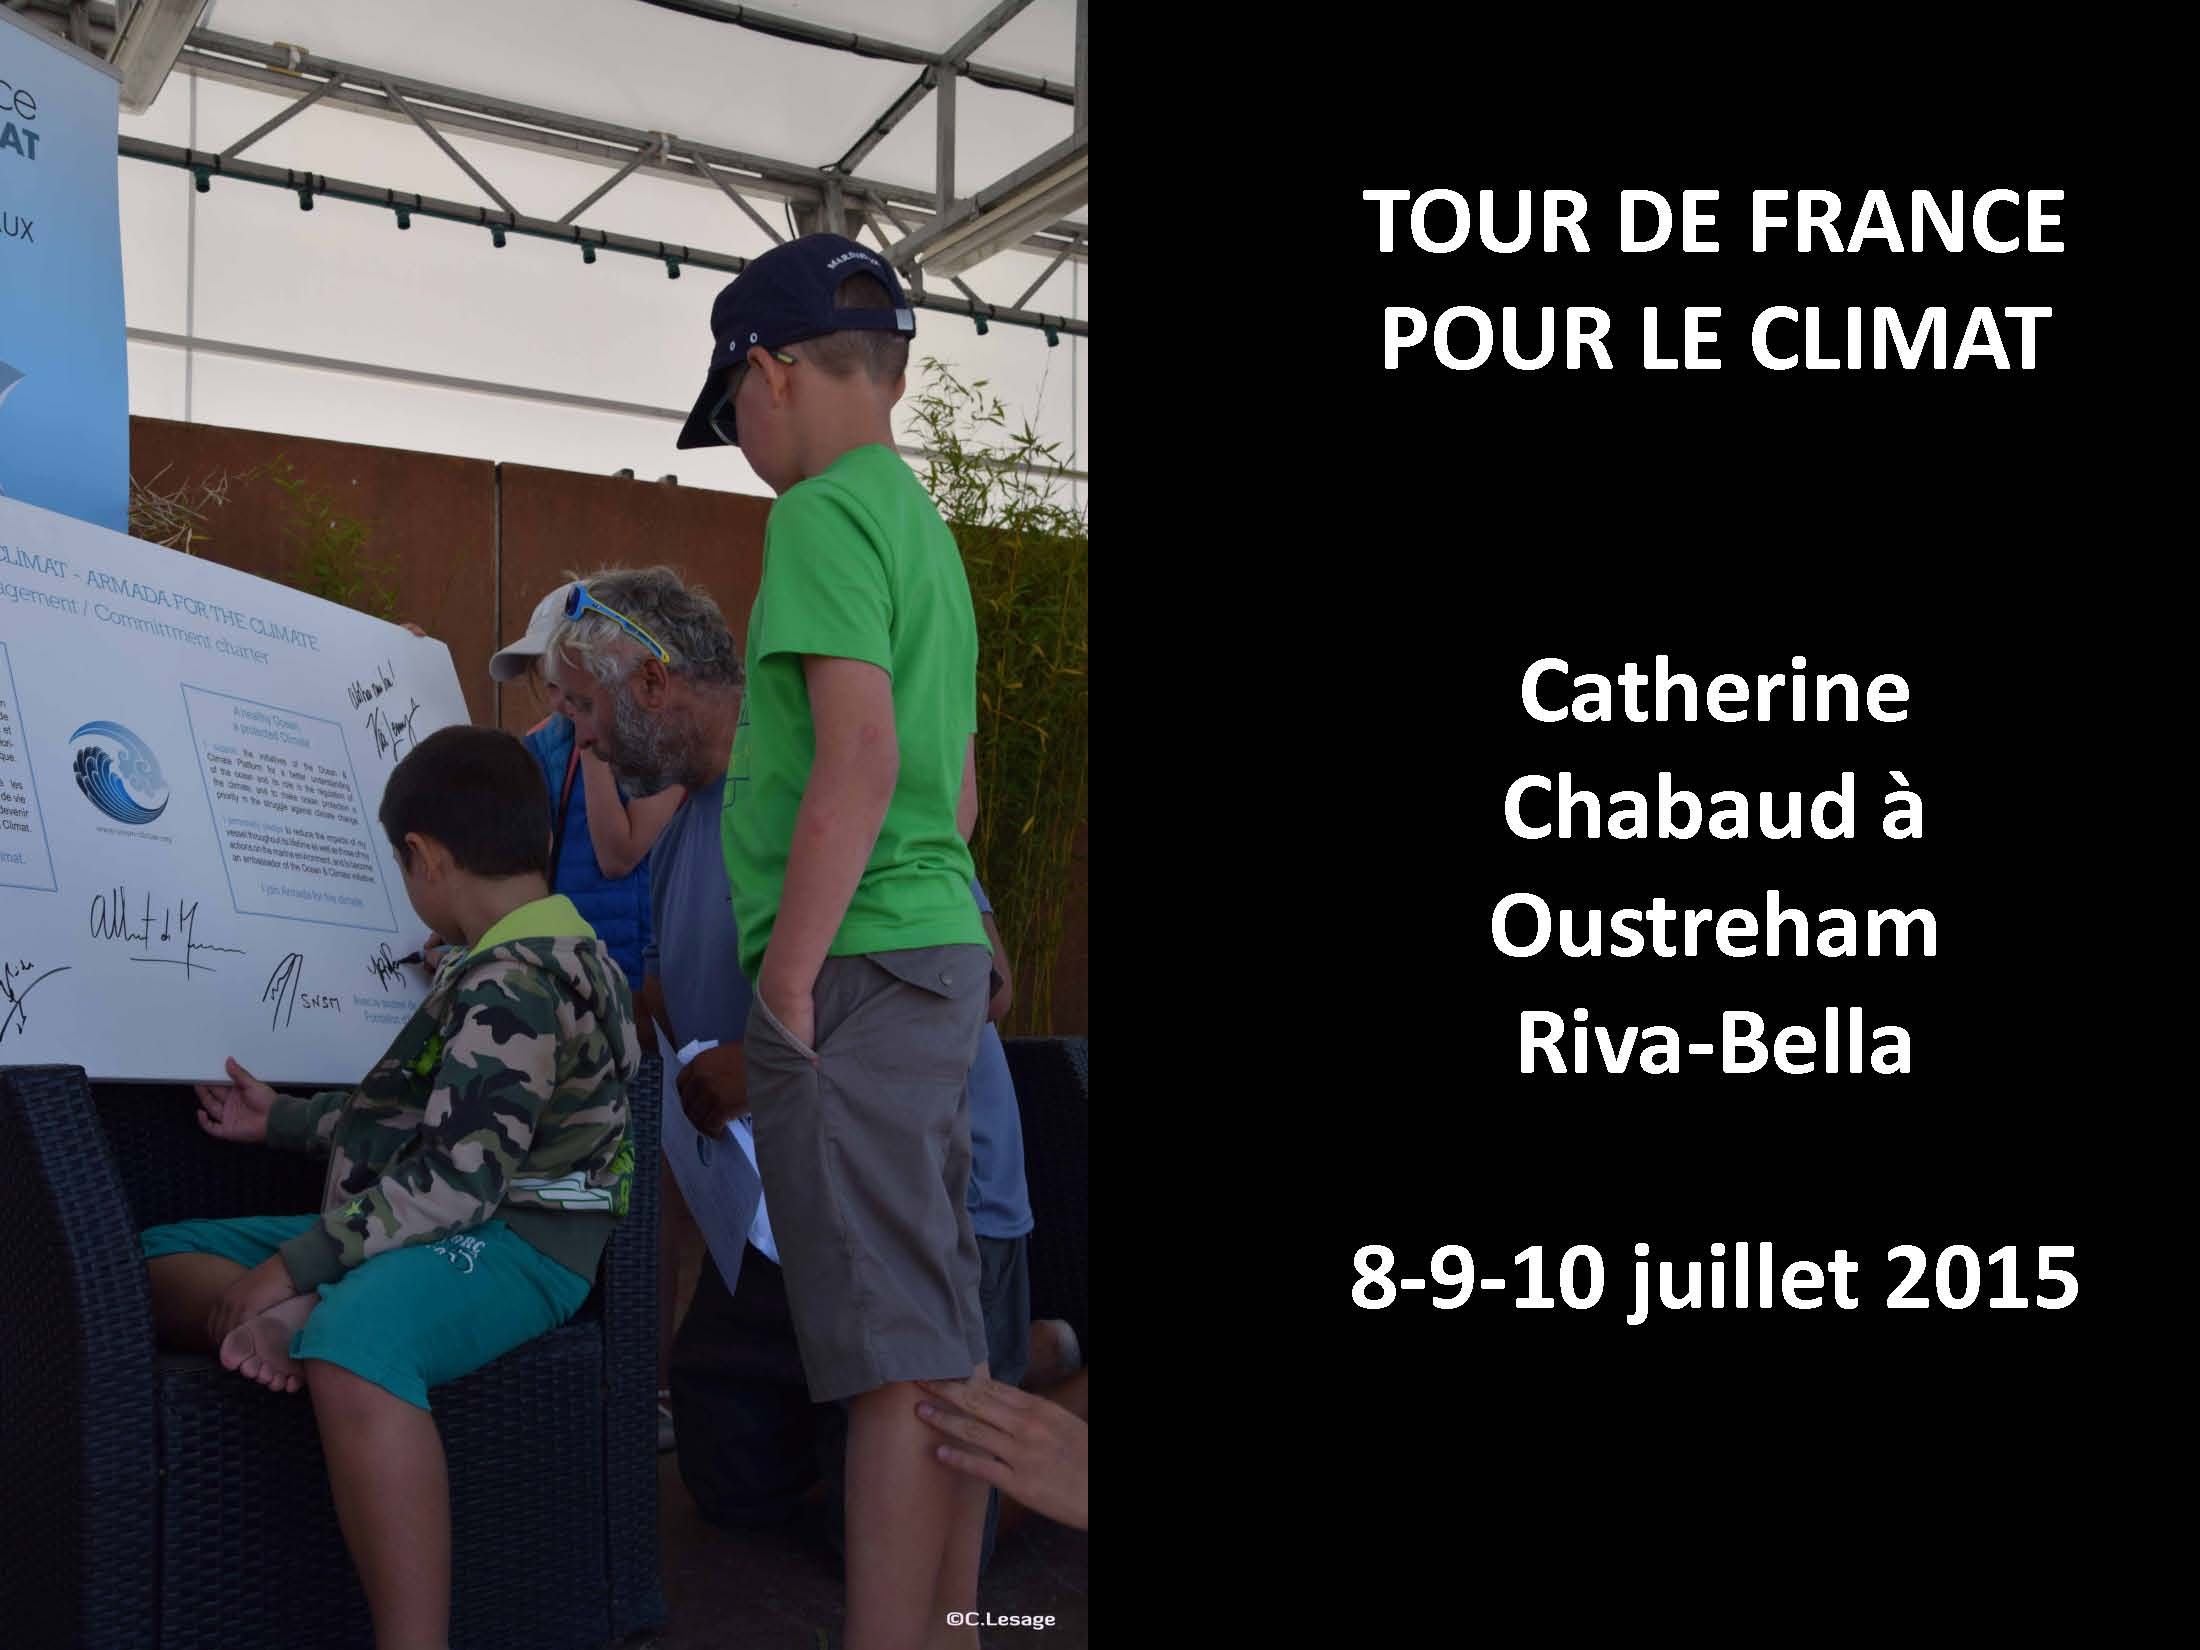 Tour de France pour le climat